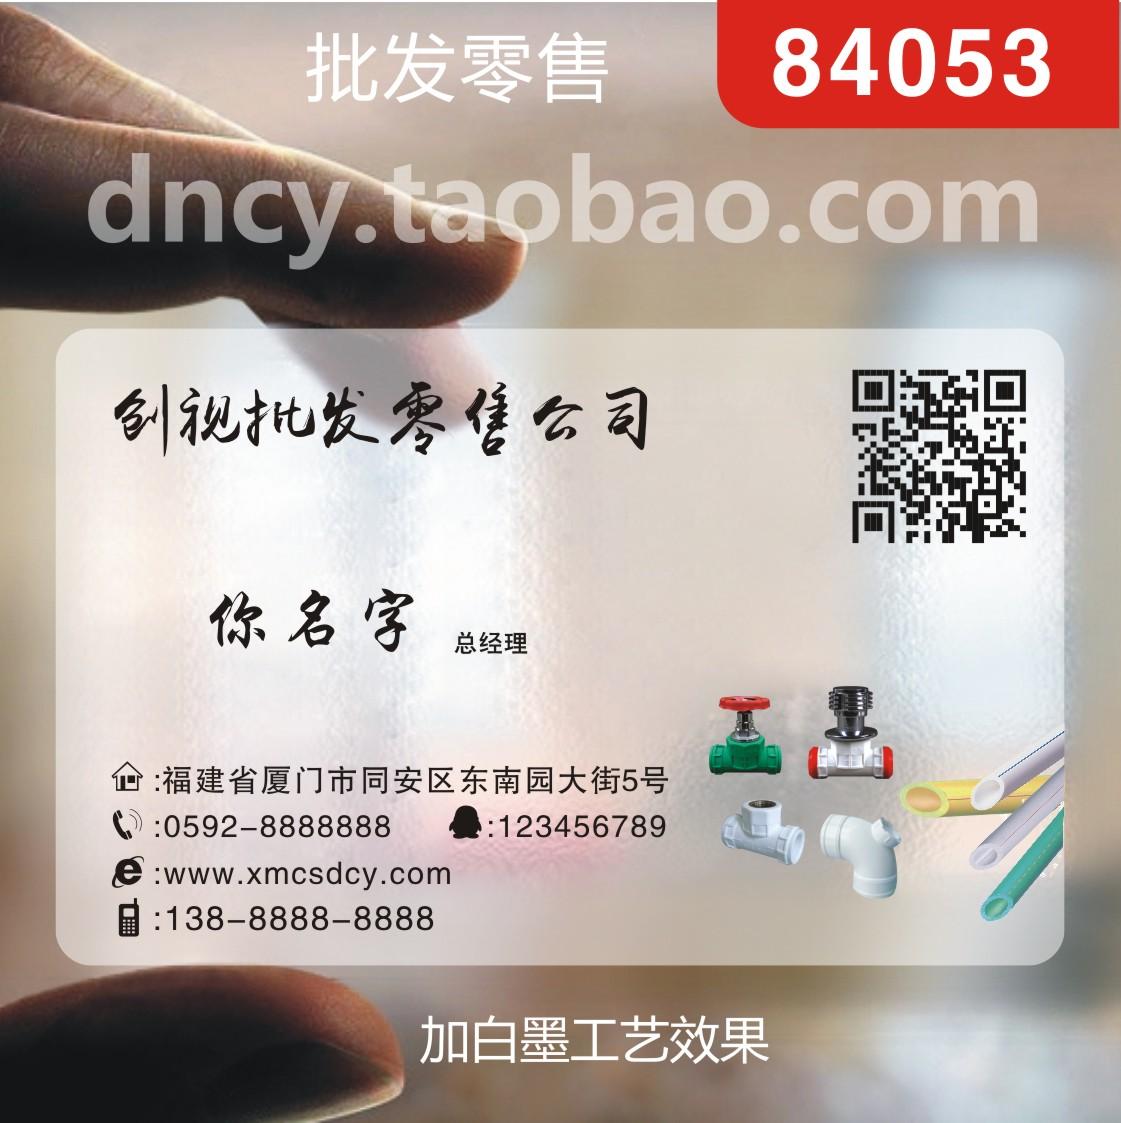 PVC impresso cartão de visita impressão personalizado tinta branca grossa areia areia plástico bidimensional código micro-comércio atacado comercial